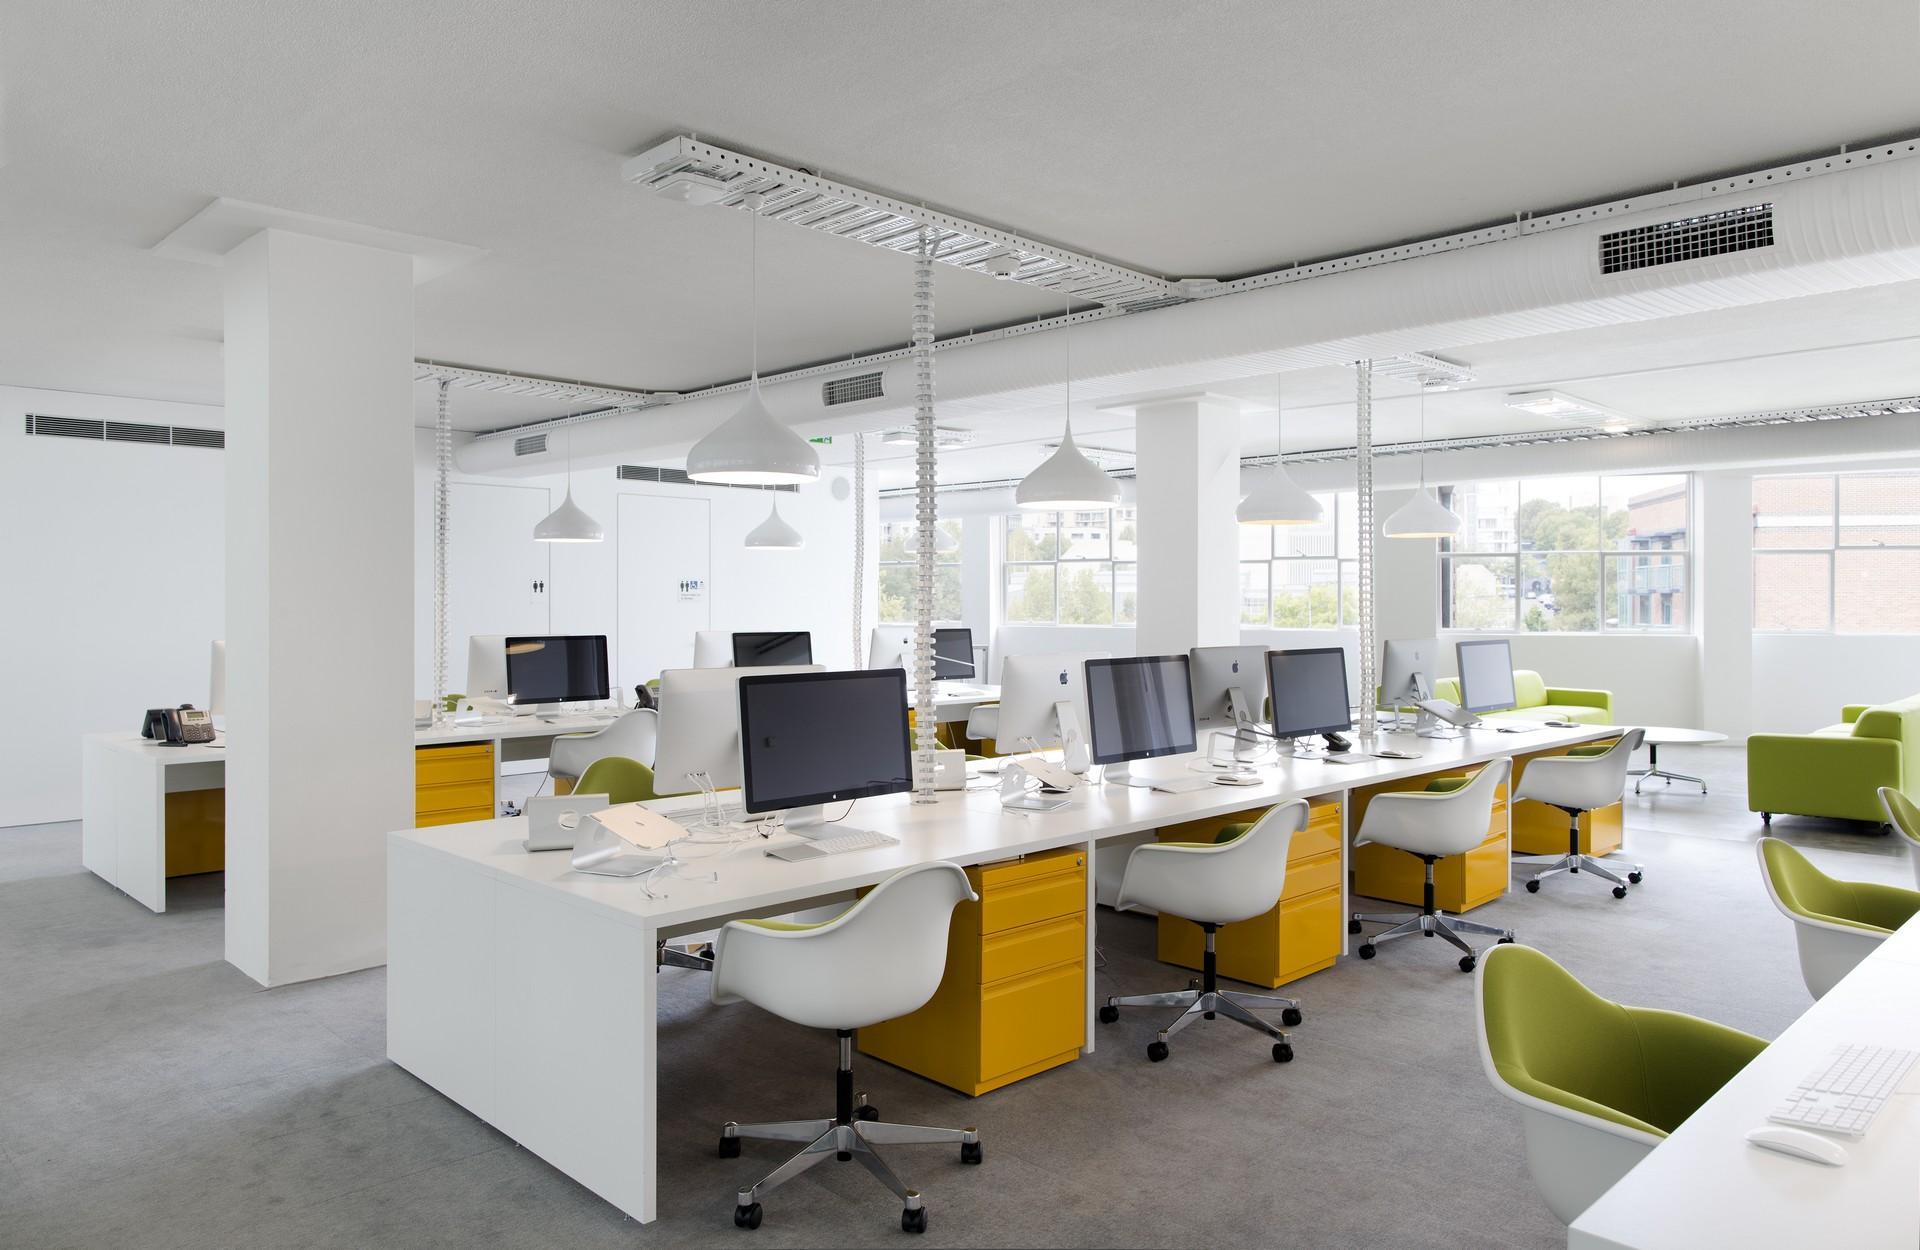 Thi công nội thất văn phòng- Công ty thi công nội thất trọn gói TQM